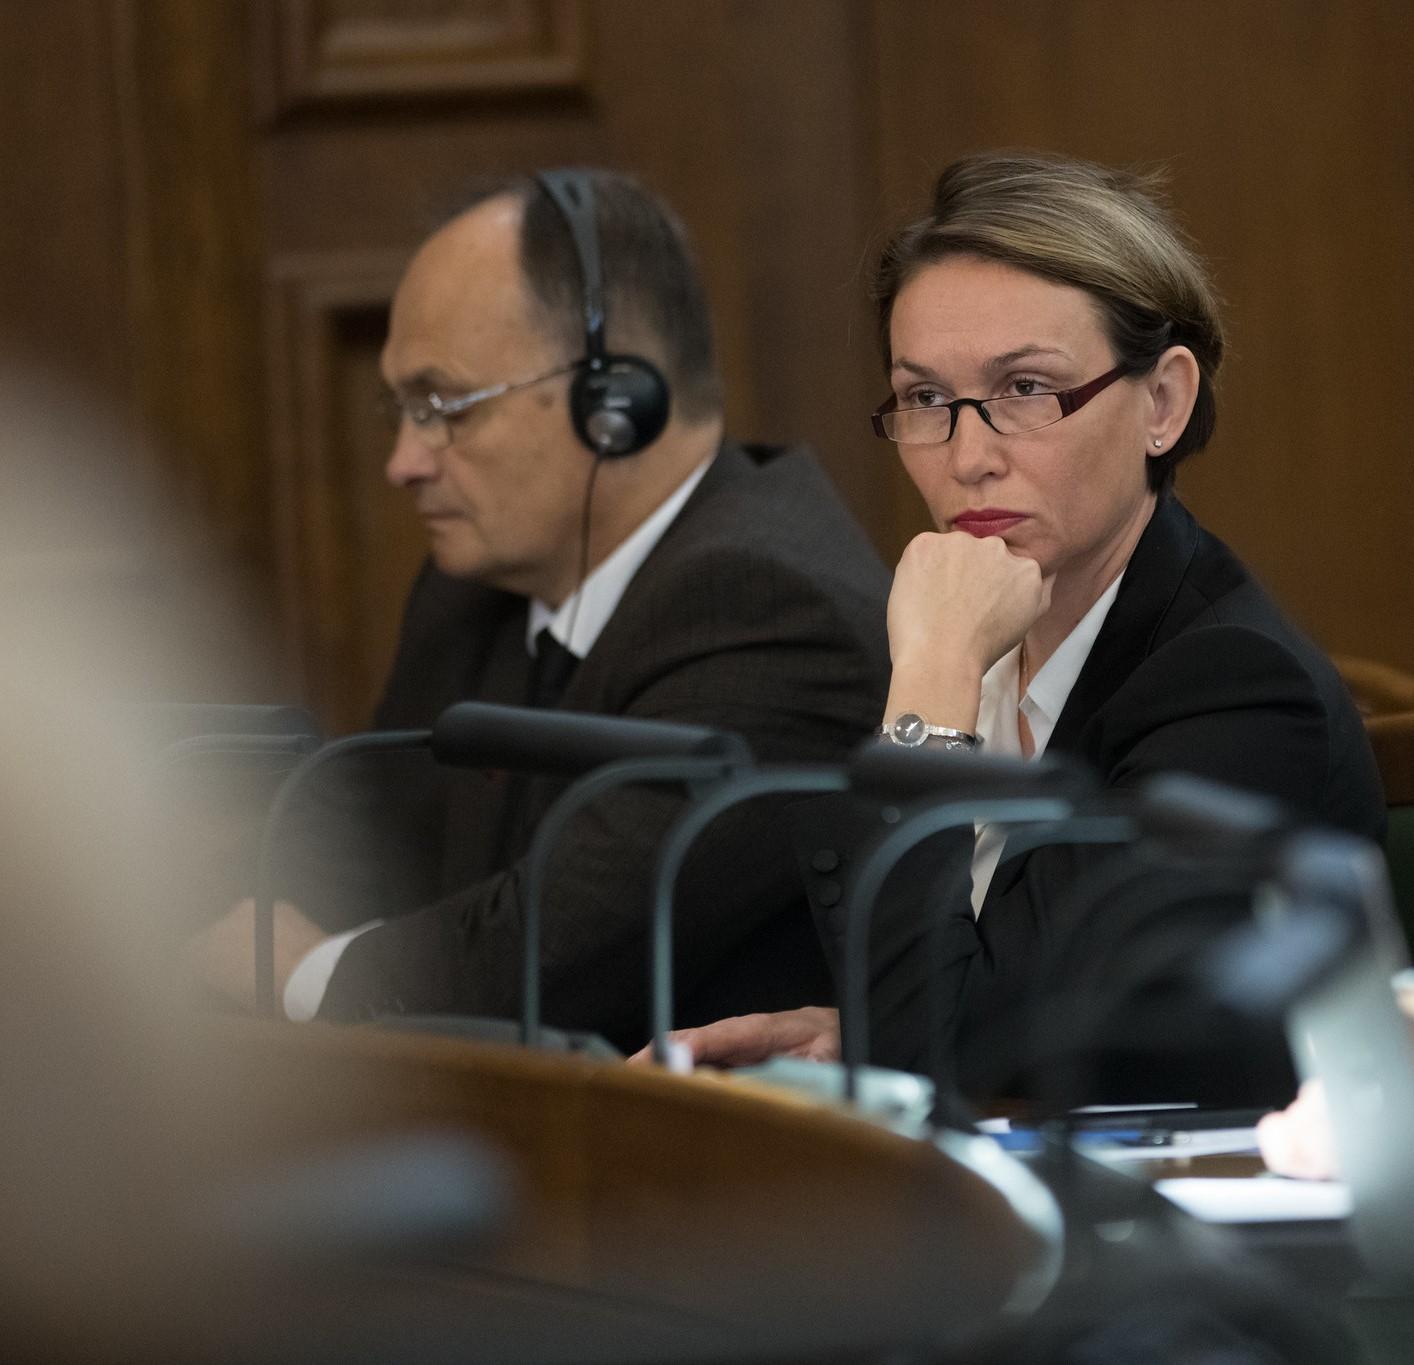 Любовь Швецова: в условиях кризиса парламент должен особо контролировать деятельность исполнительной власти